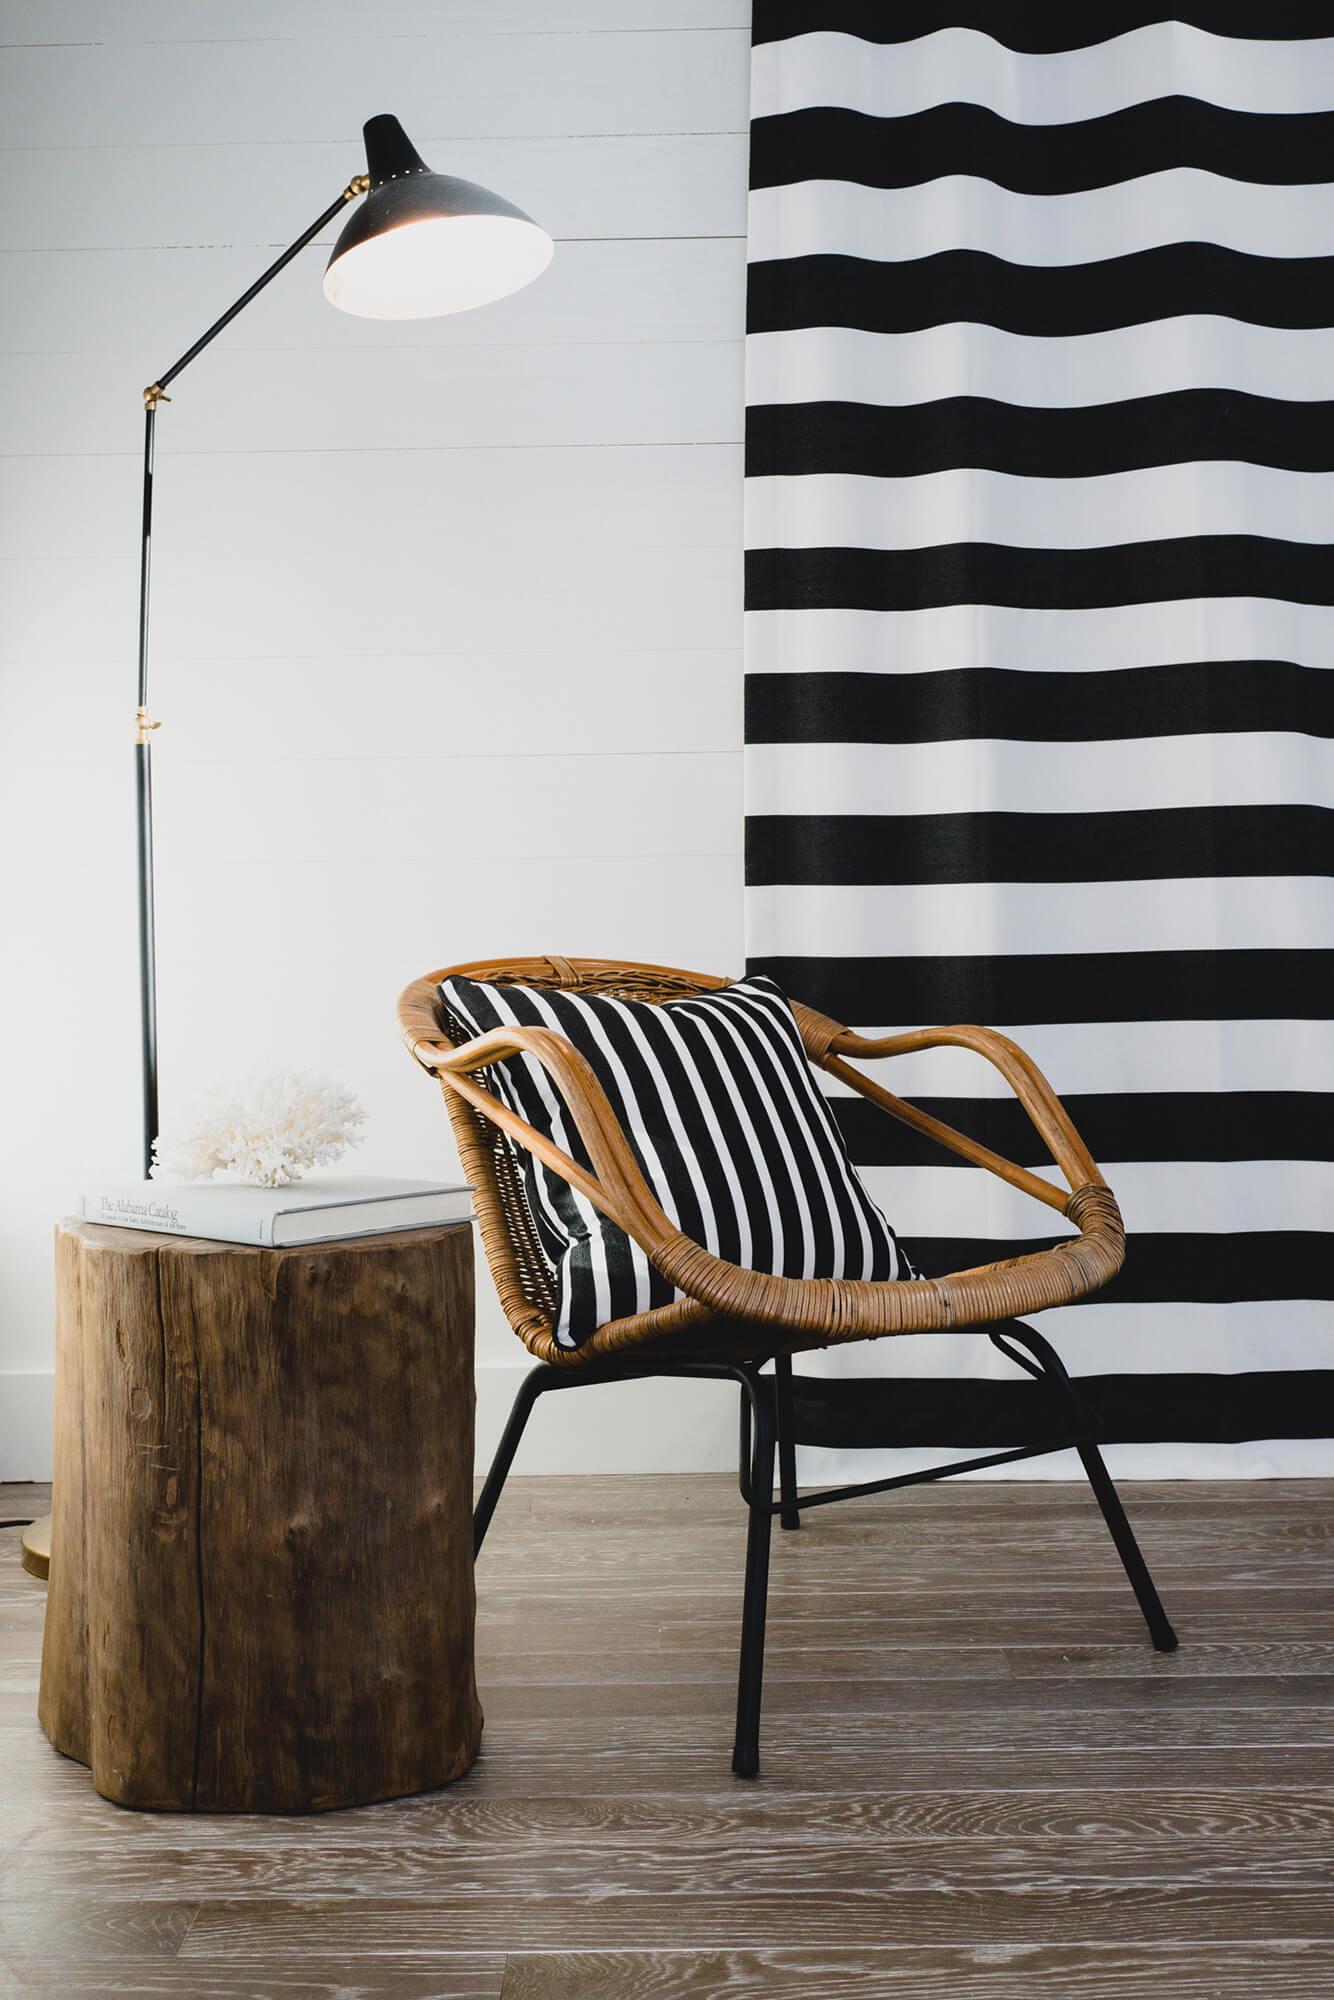 卧室坐椅上,Sunbrella 织物黑白条纹抱枕,与黑白条纹的挂帘背景融为一体